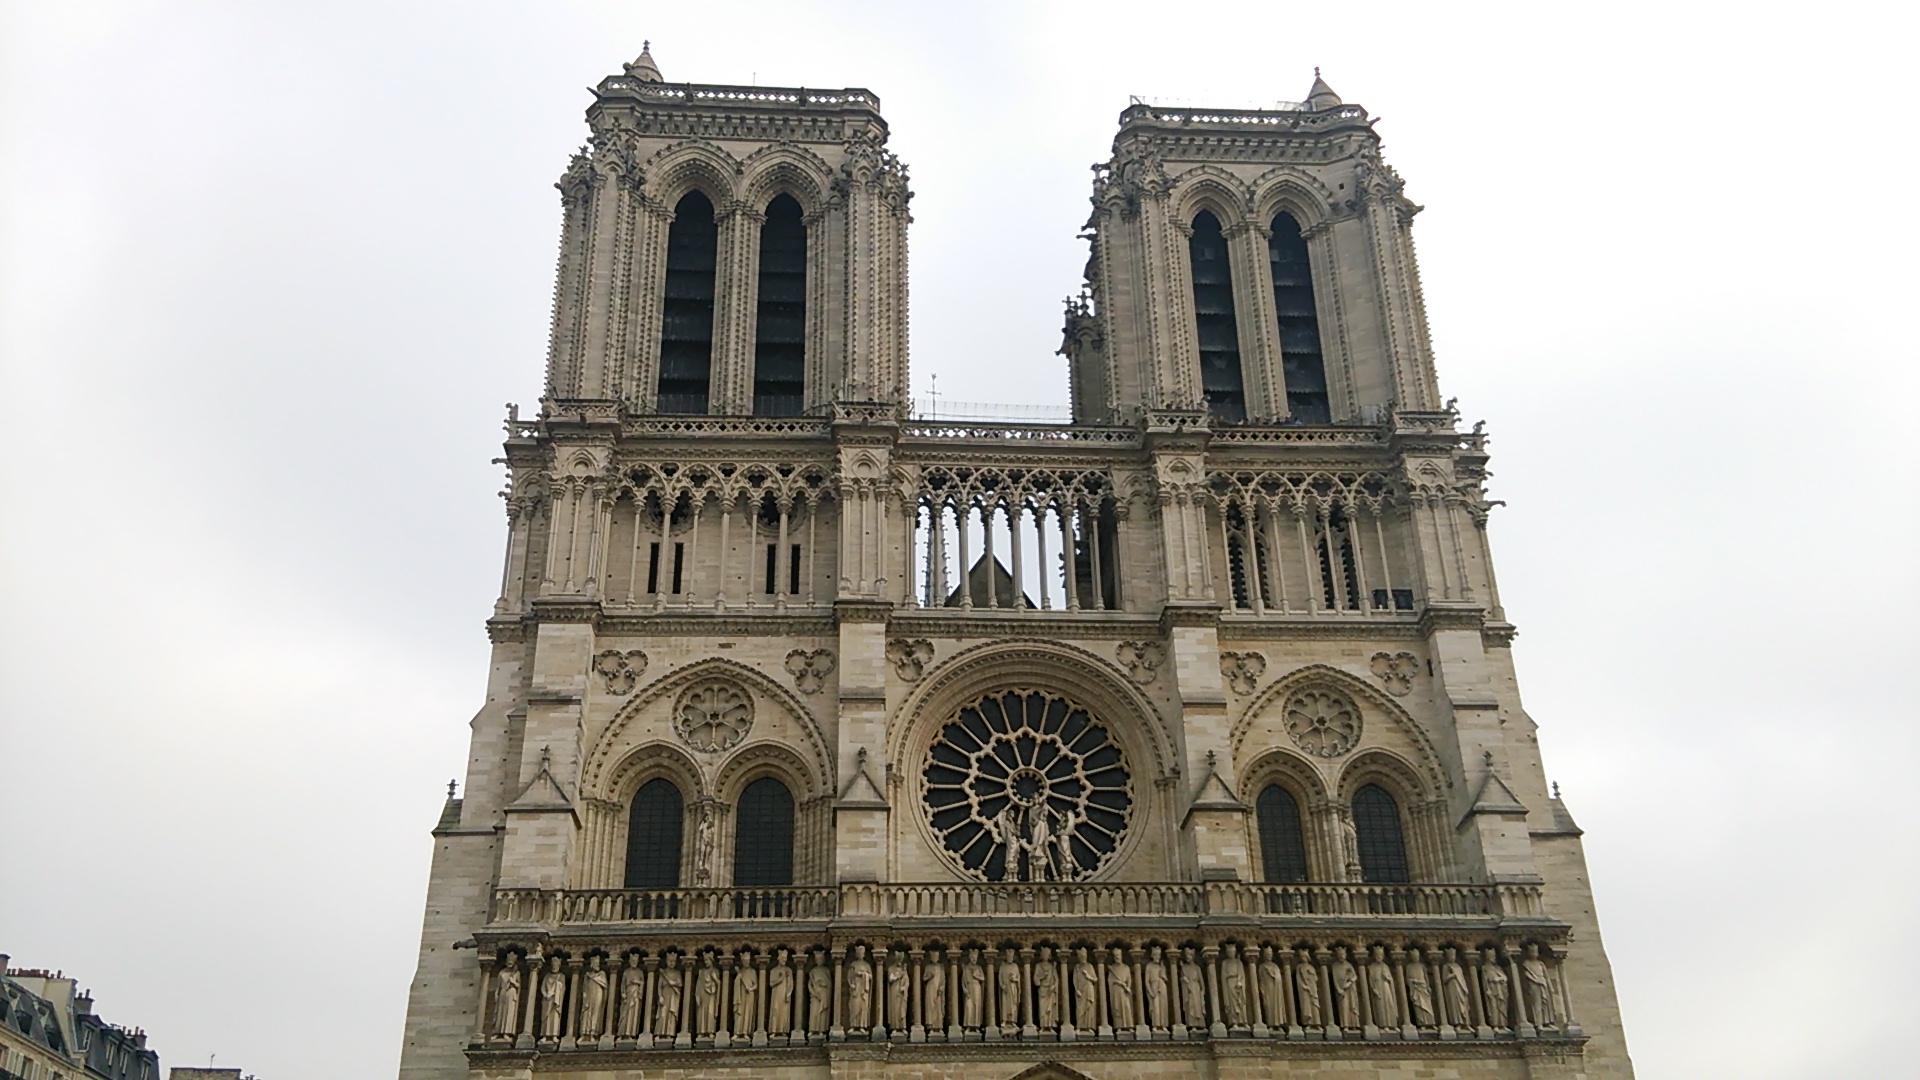 ノートルダム大聖堂で心の洗濯